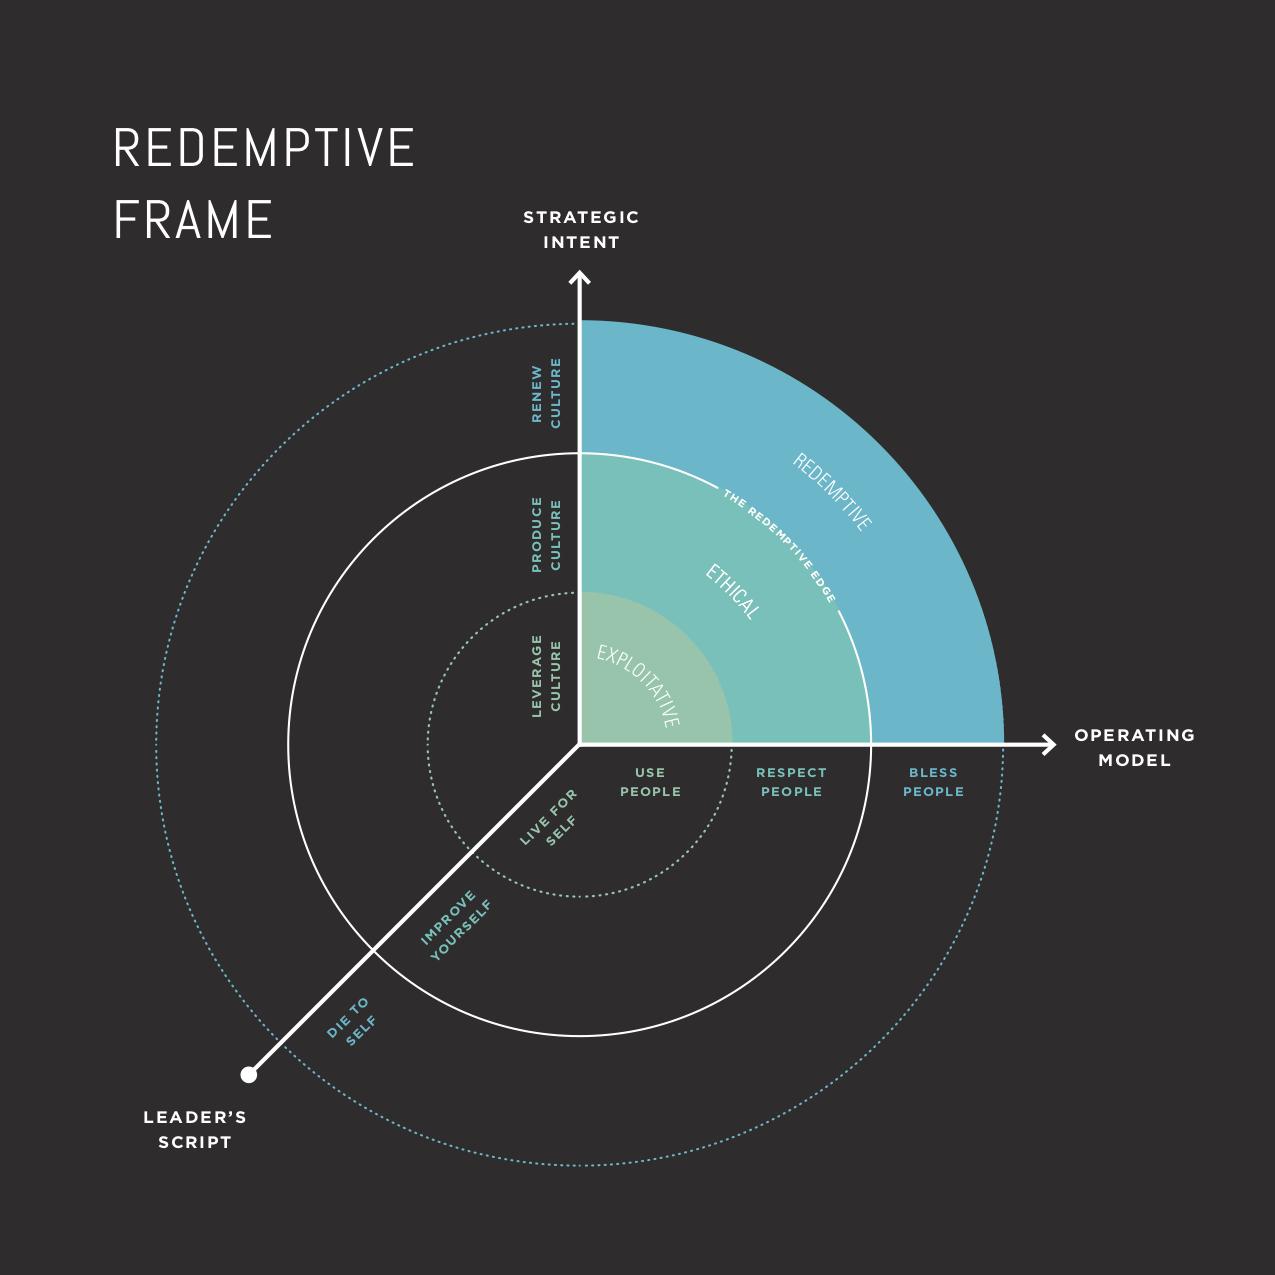 Redemptive_Frame.jpg